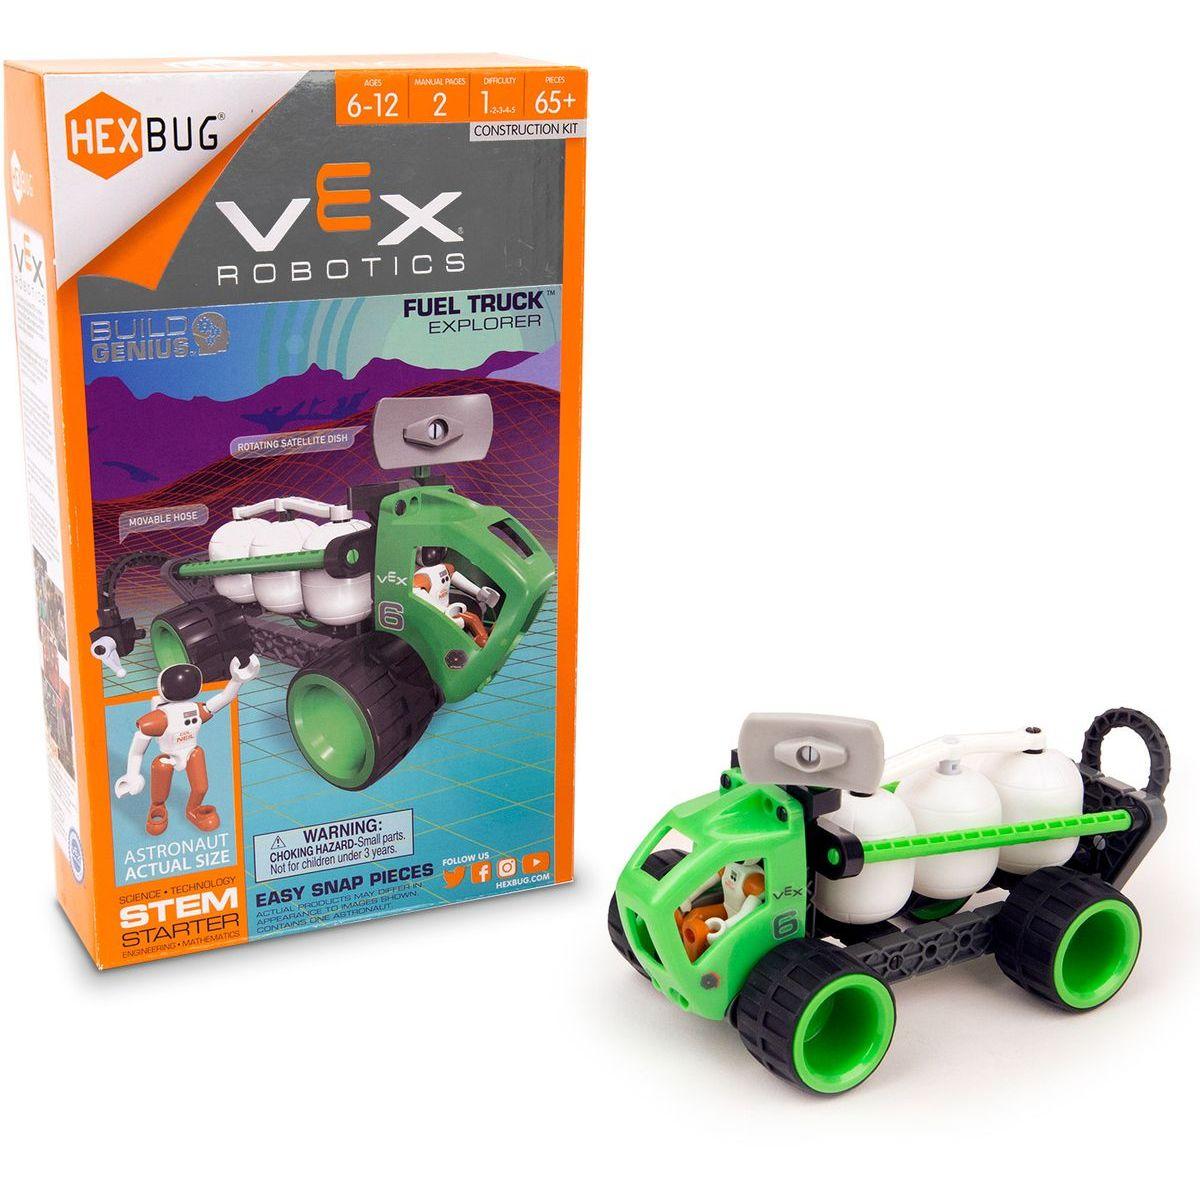 Hexbug Vex Explorer Robotics Fuel Truck